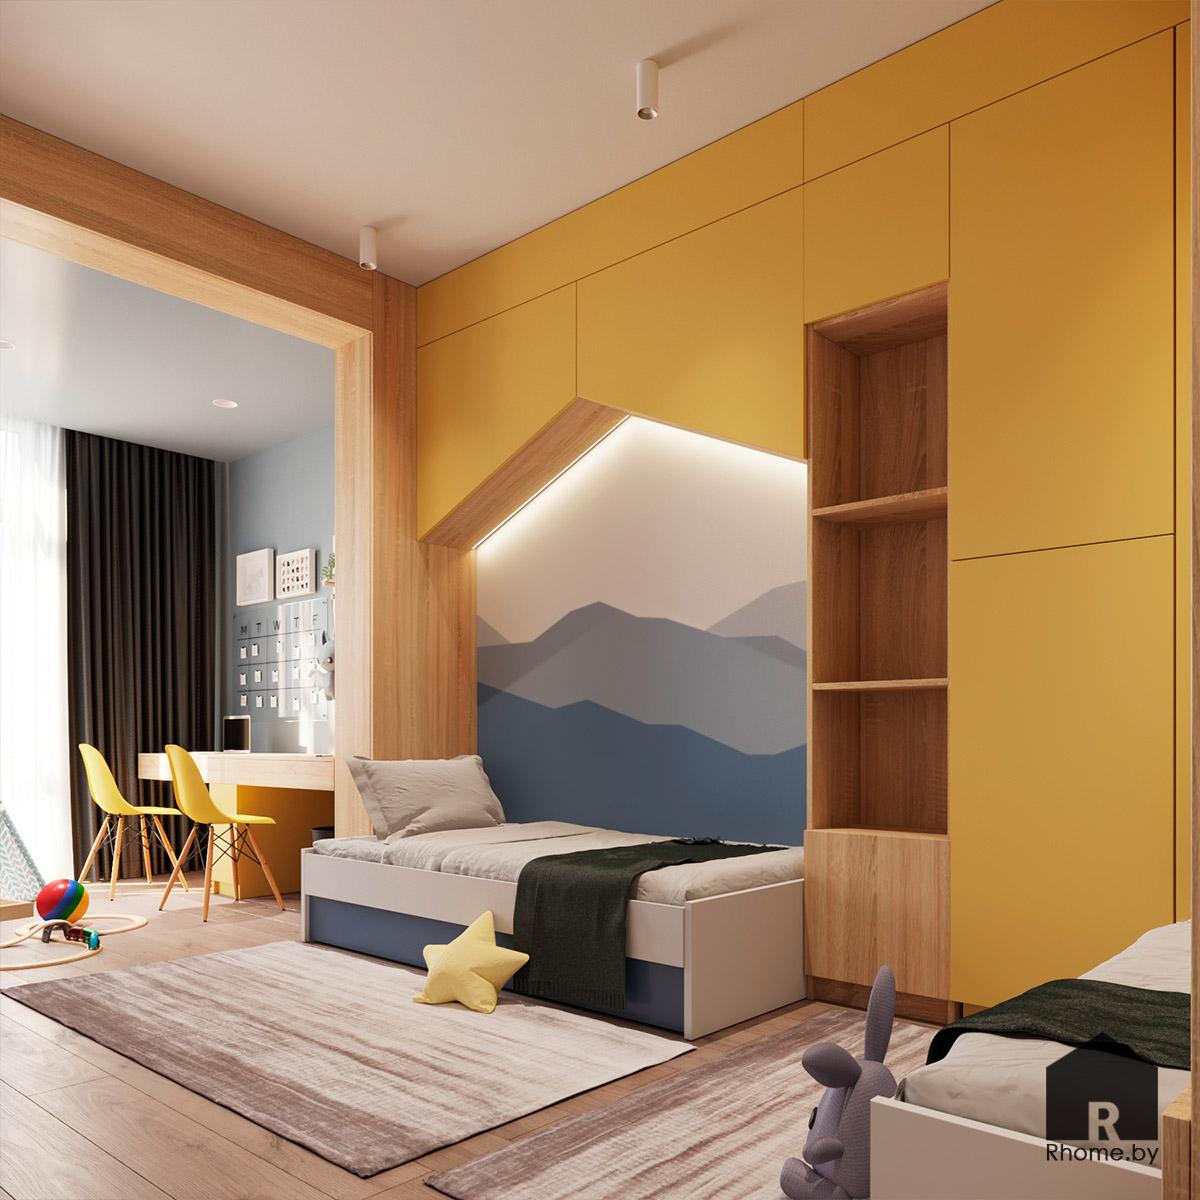 Детская комната | Дизайн студия – Rhome.by